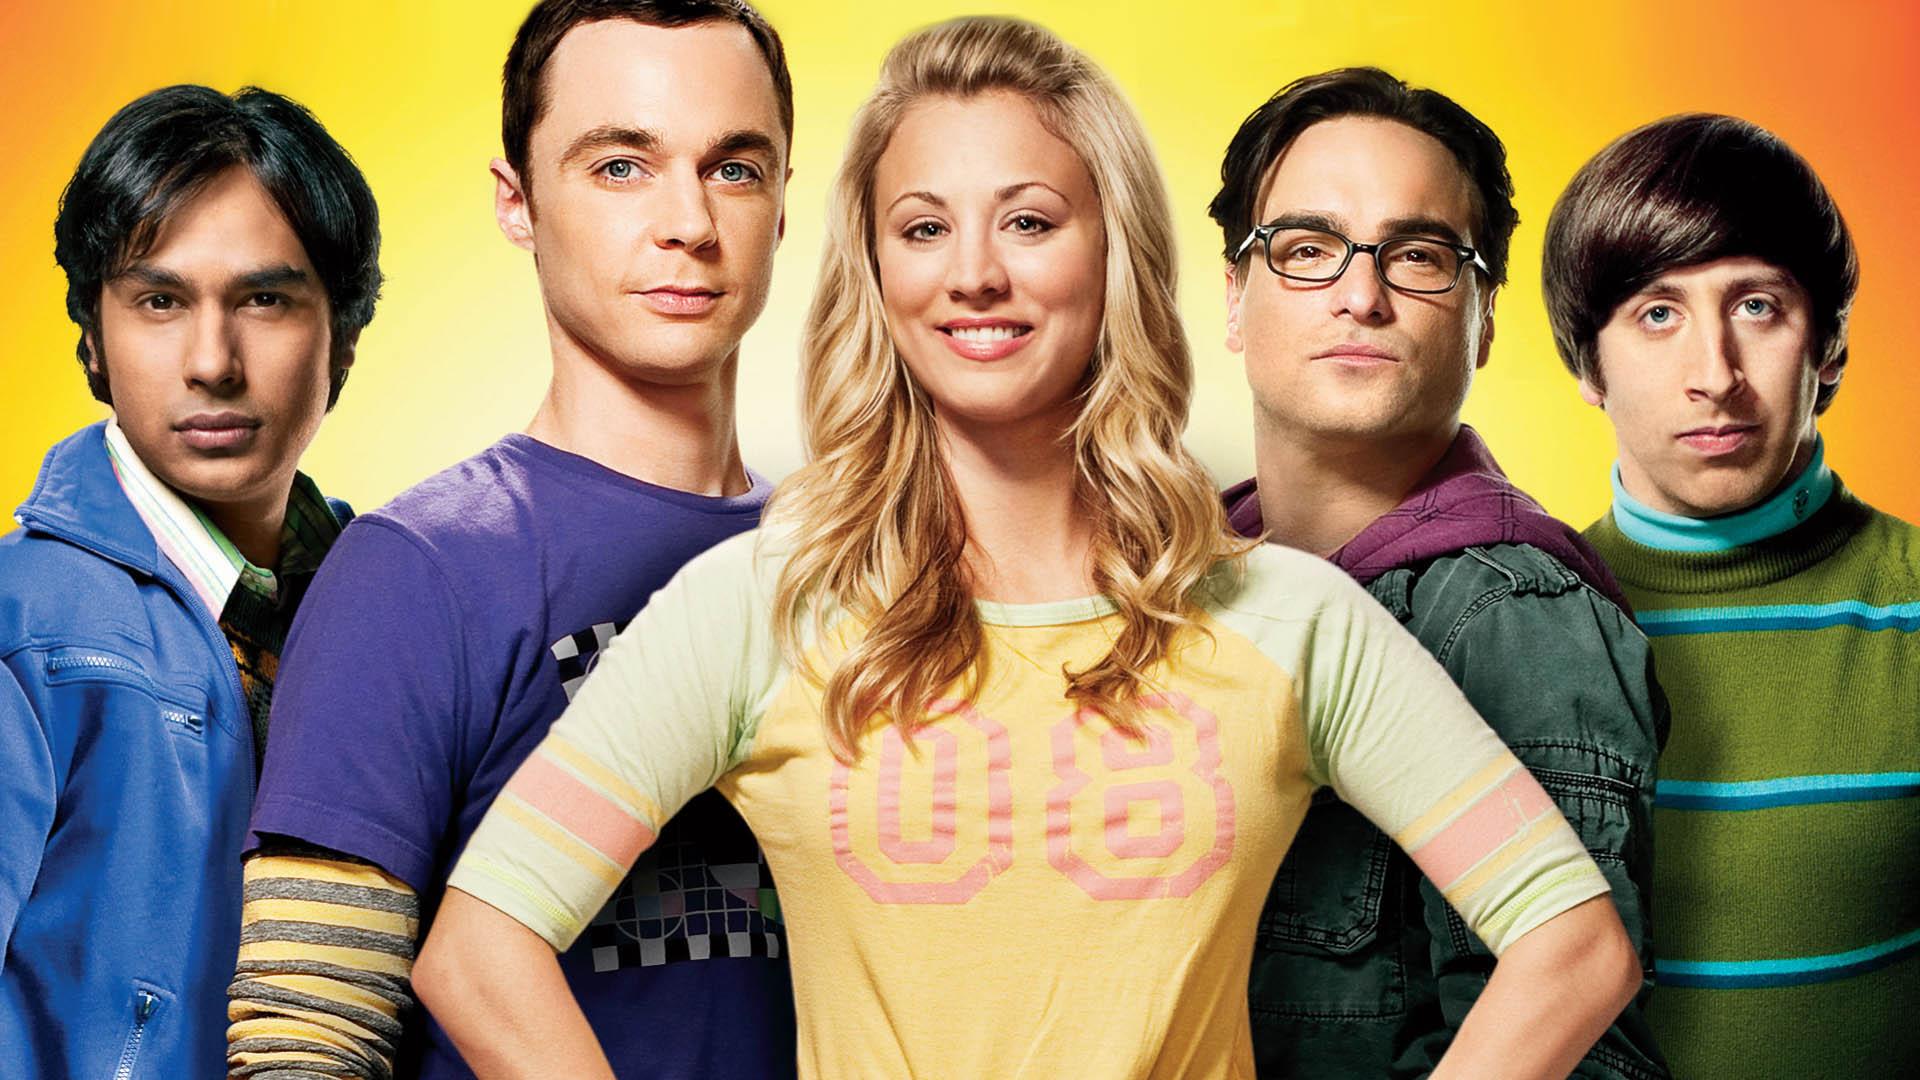 The Big Bang Theory Staffel 11 Endet Tbbt Nach Staffel 10 Giga